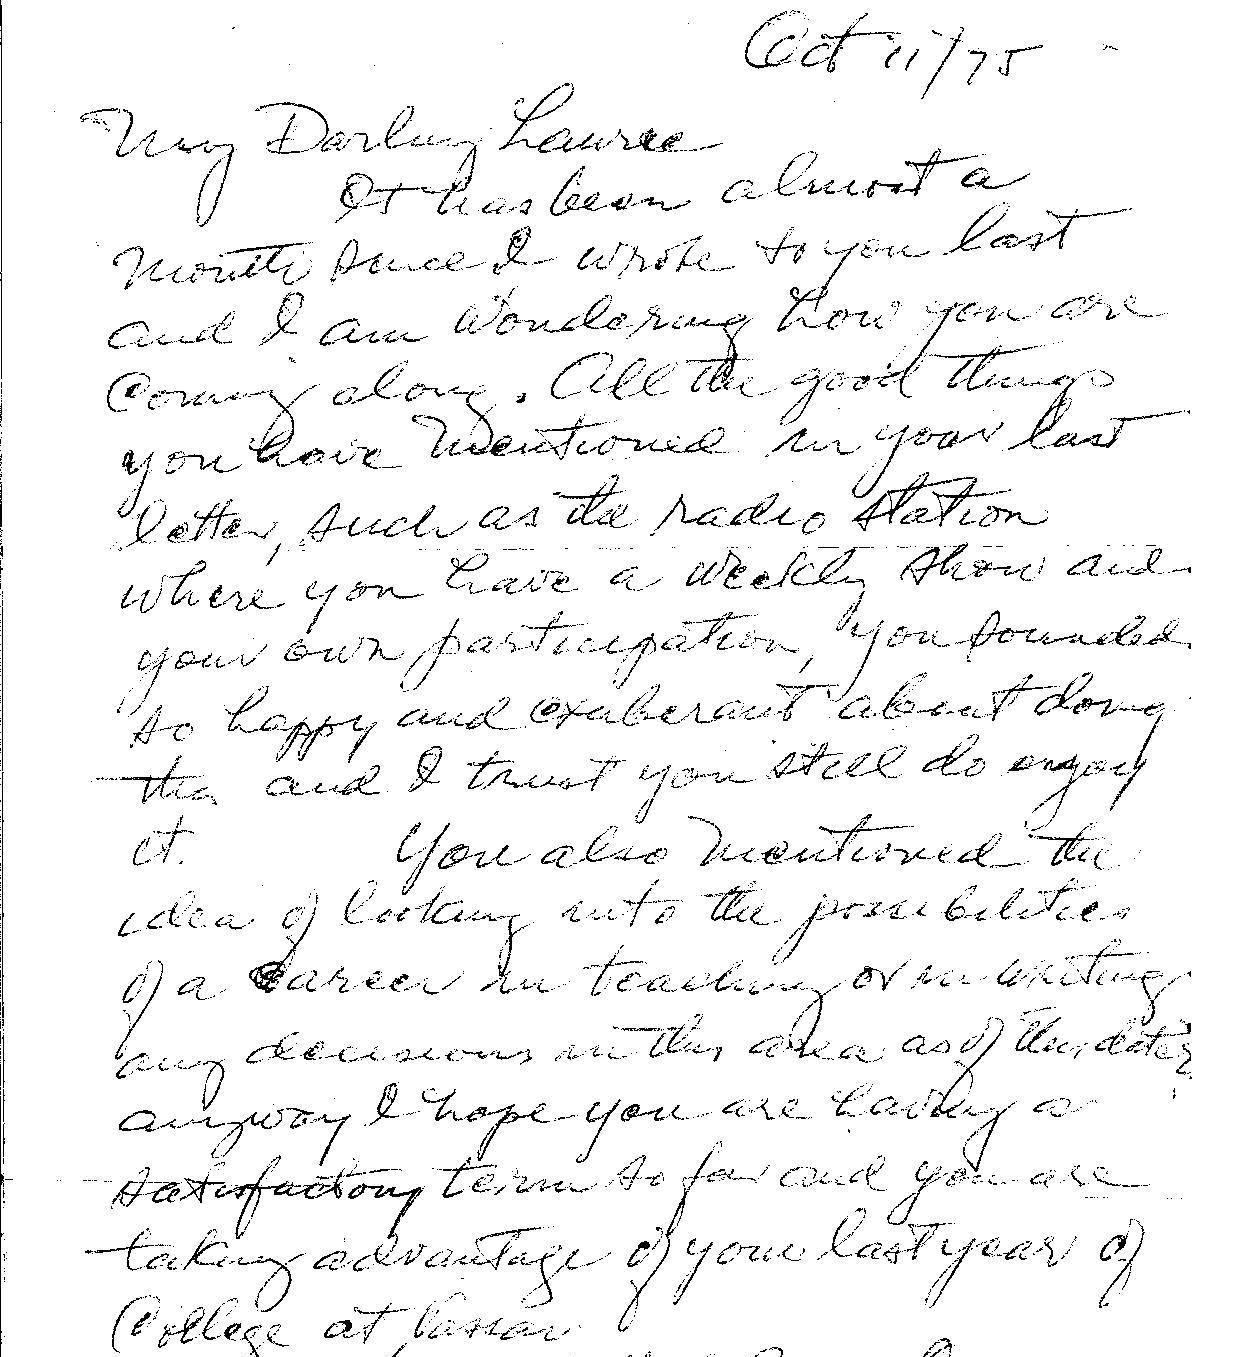 Life Letters Handwritten Treasures